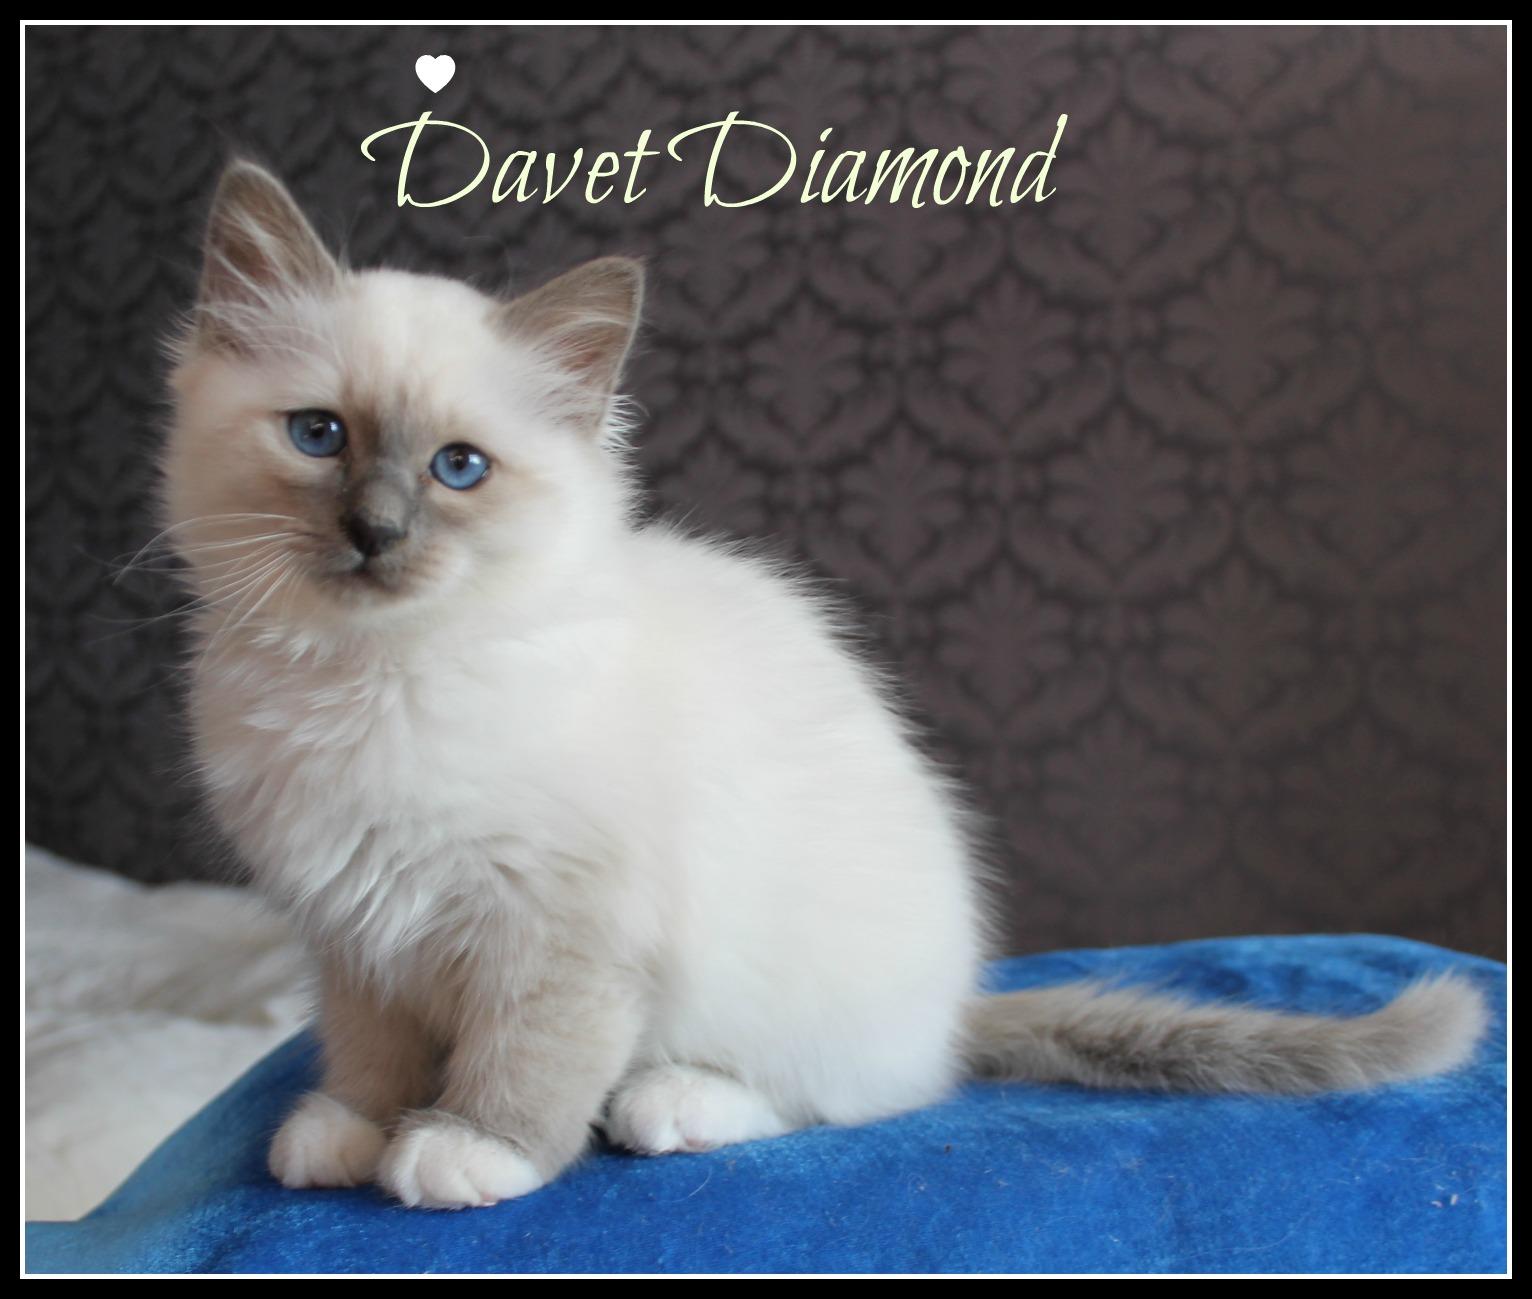 davet-1